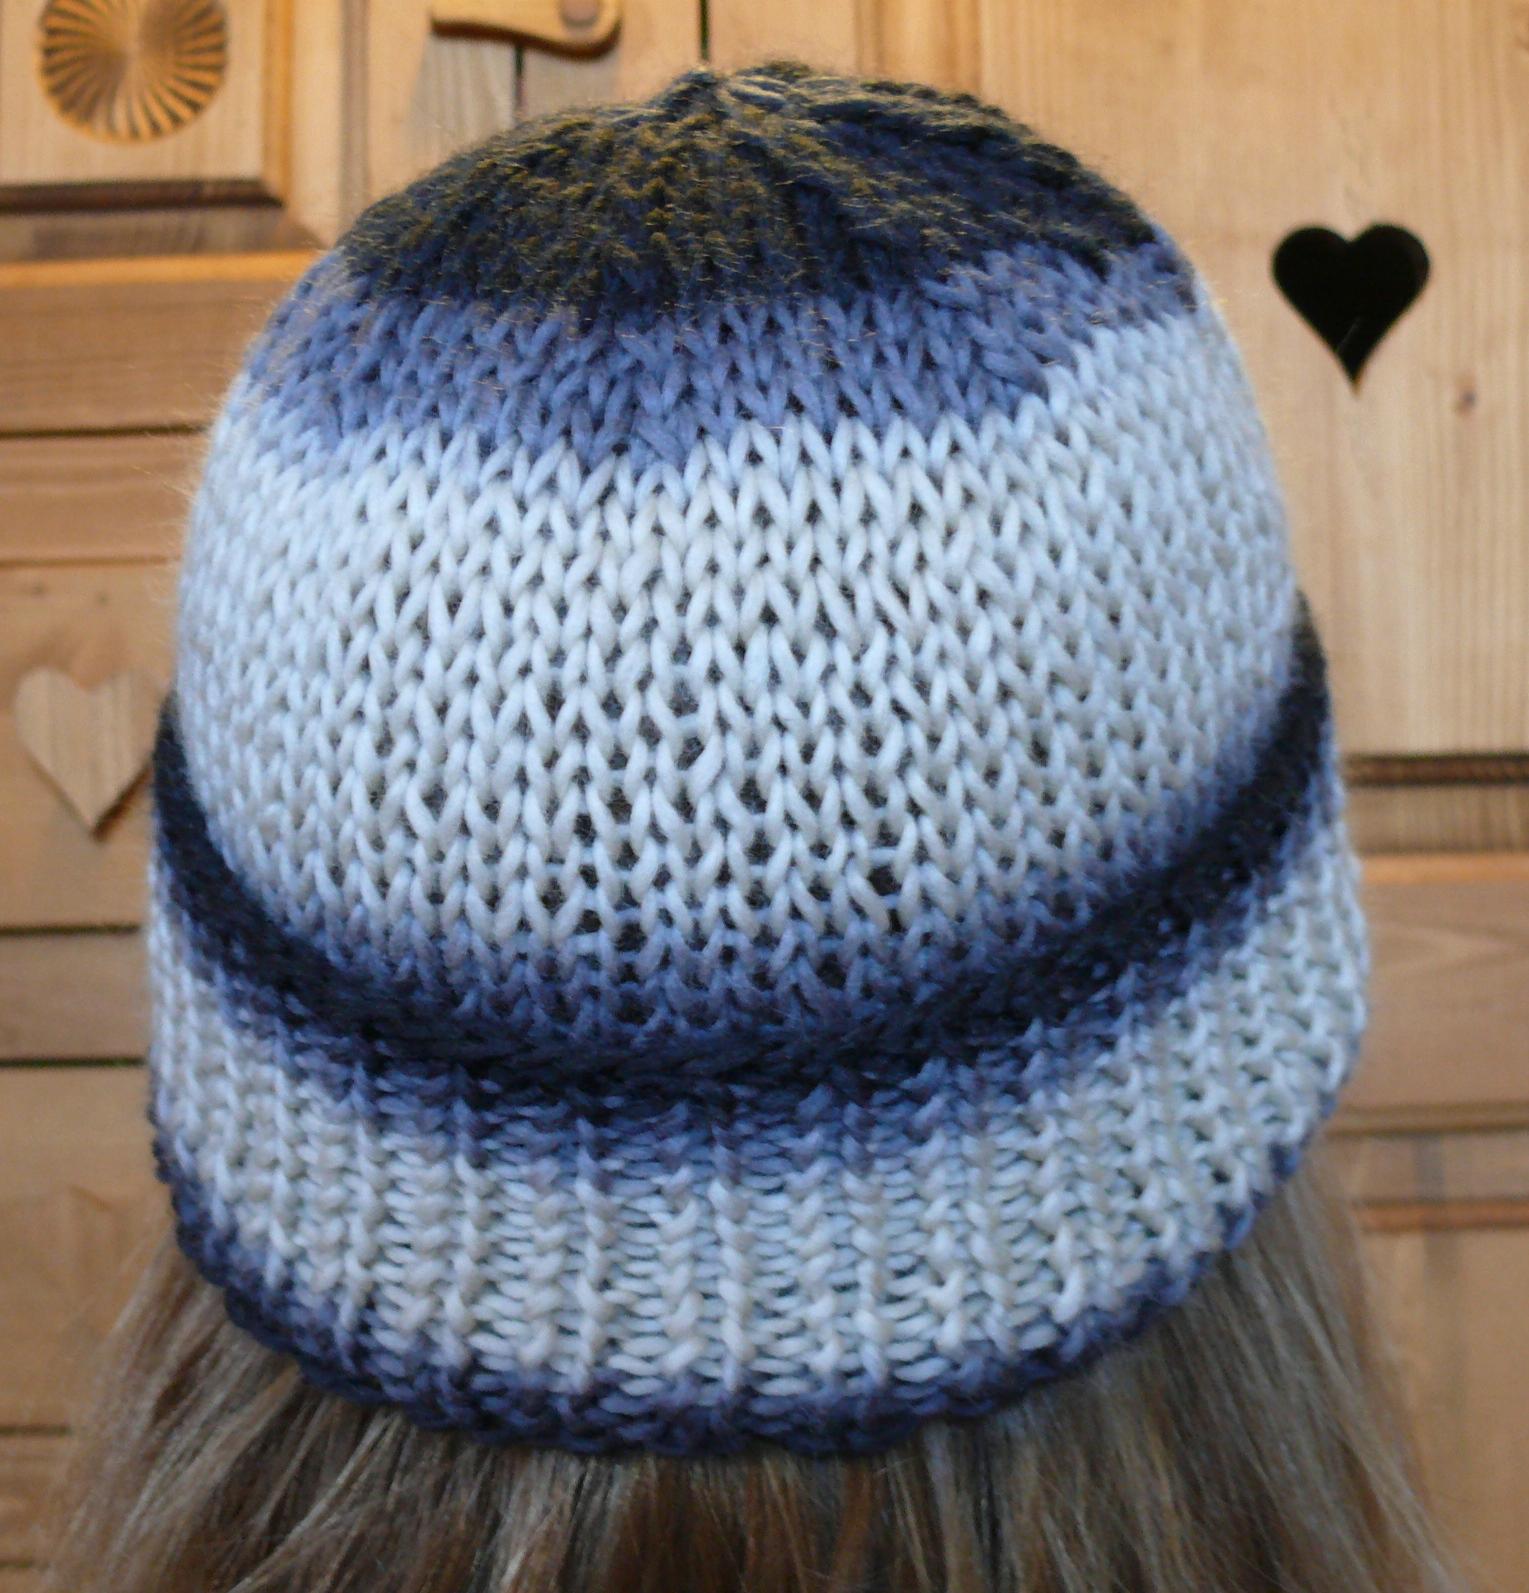 c26ff7497a09 Tuto tricot béret femme facile - Idées de tricot gratuit